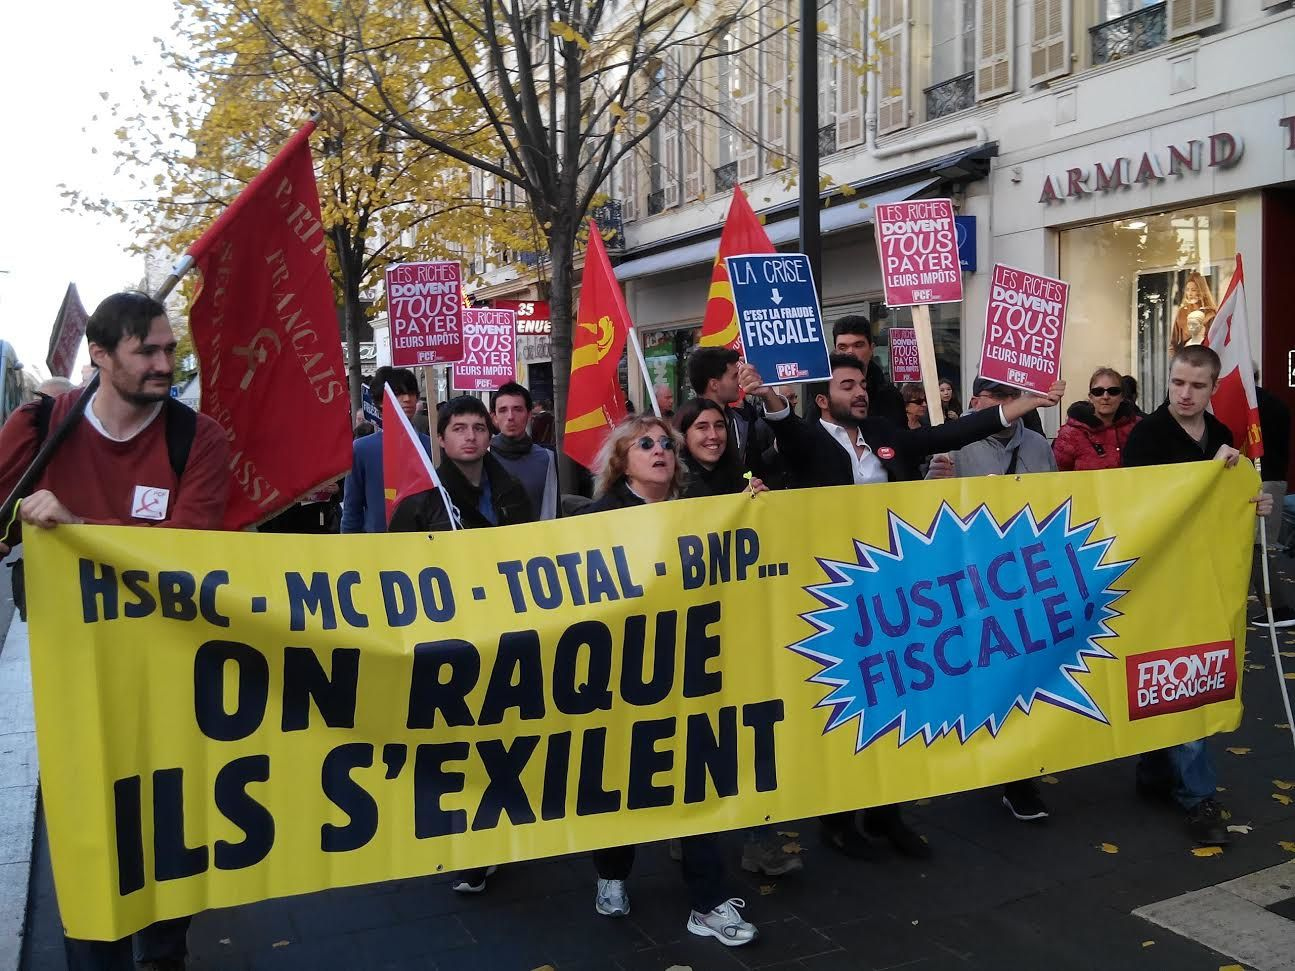 Marche pour la justice sociale et fiscale (presse, photos et texte)